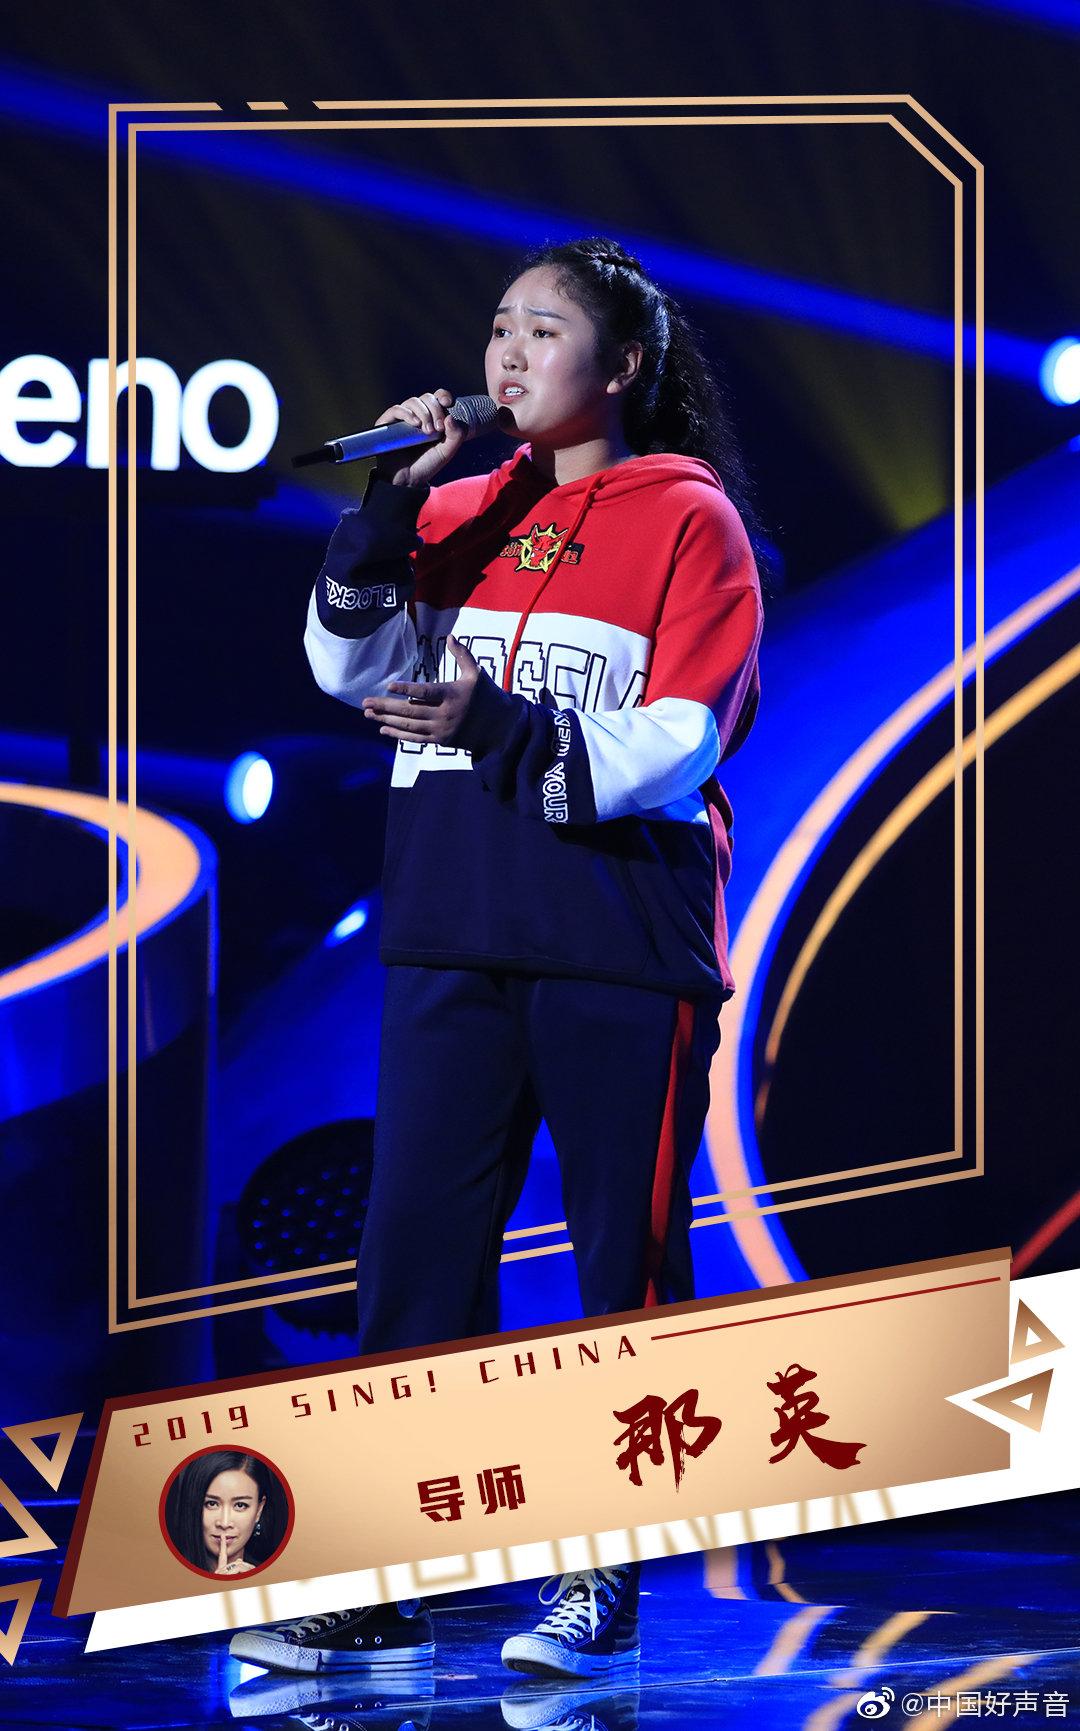 """欢迎小太阳@马杰雪selina 成为第一位加入""""小二班""""的成员"""